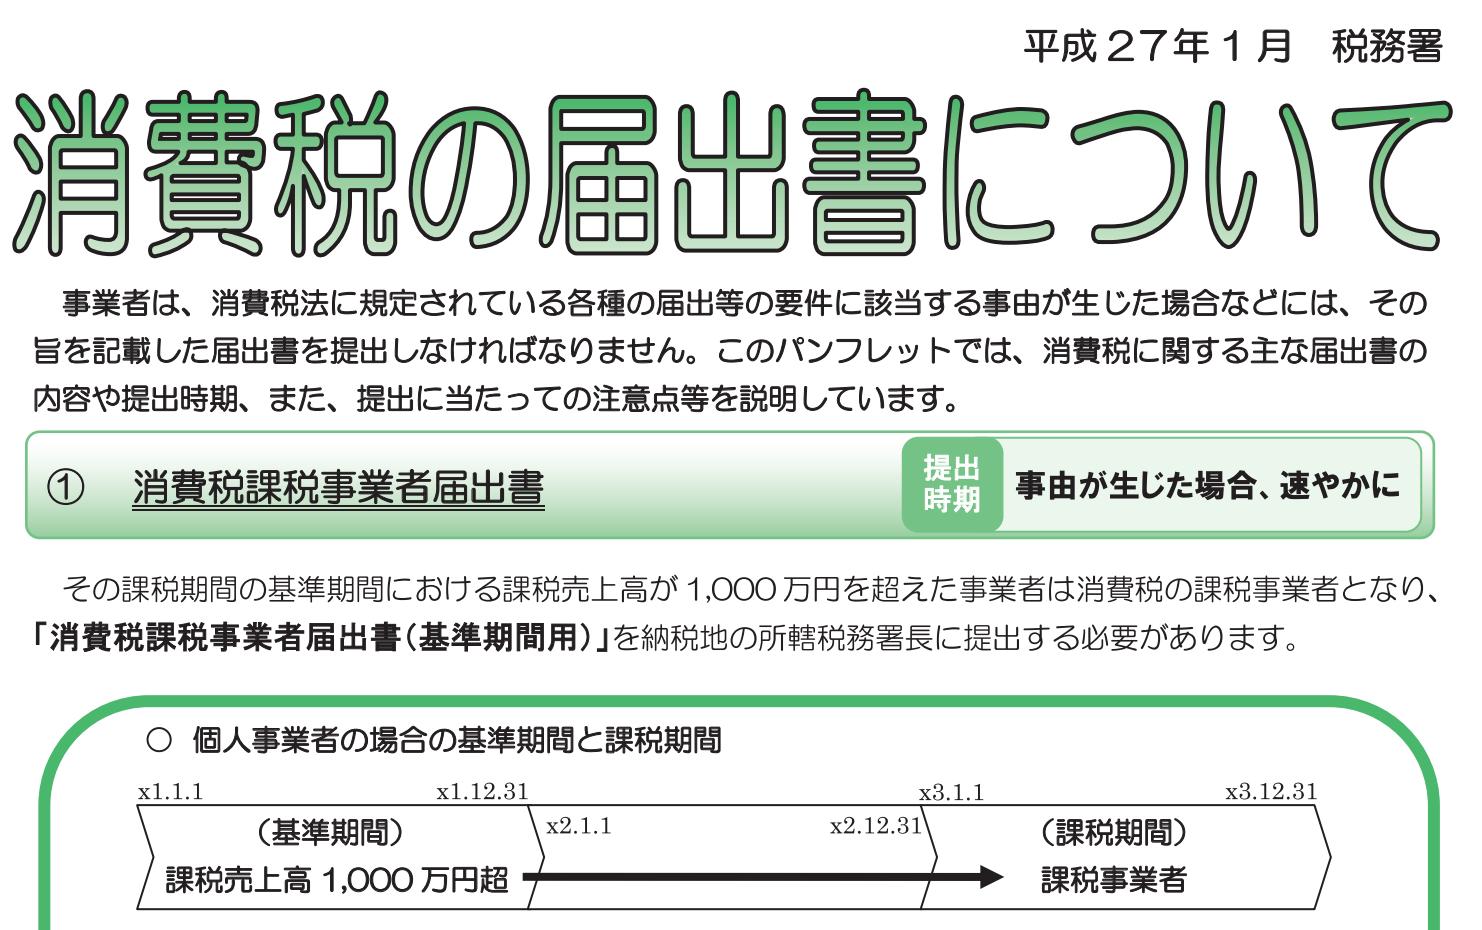 国税庁_消費税の届出書についての画像